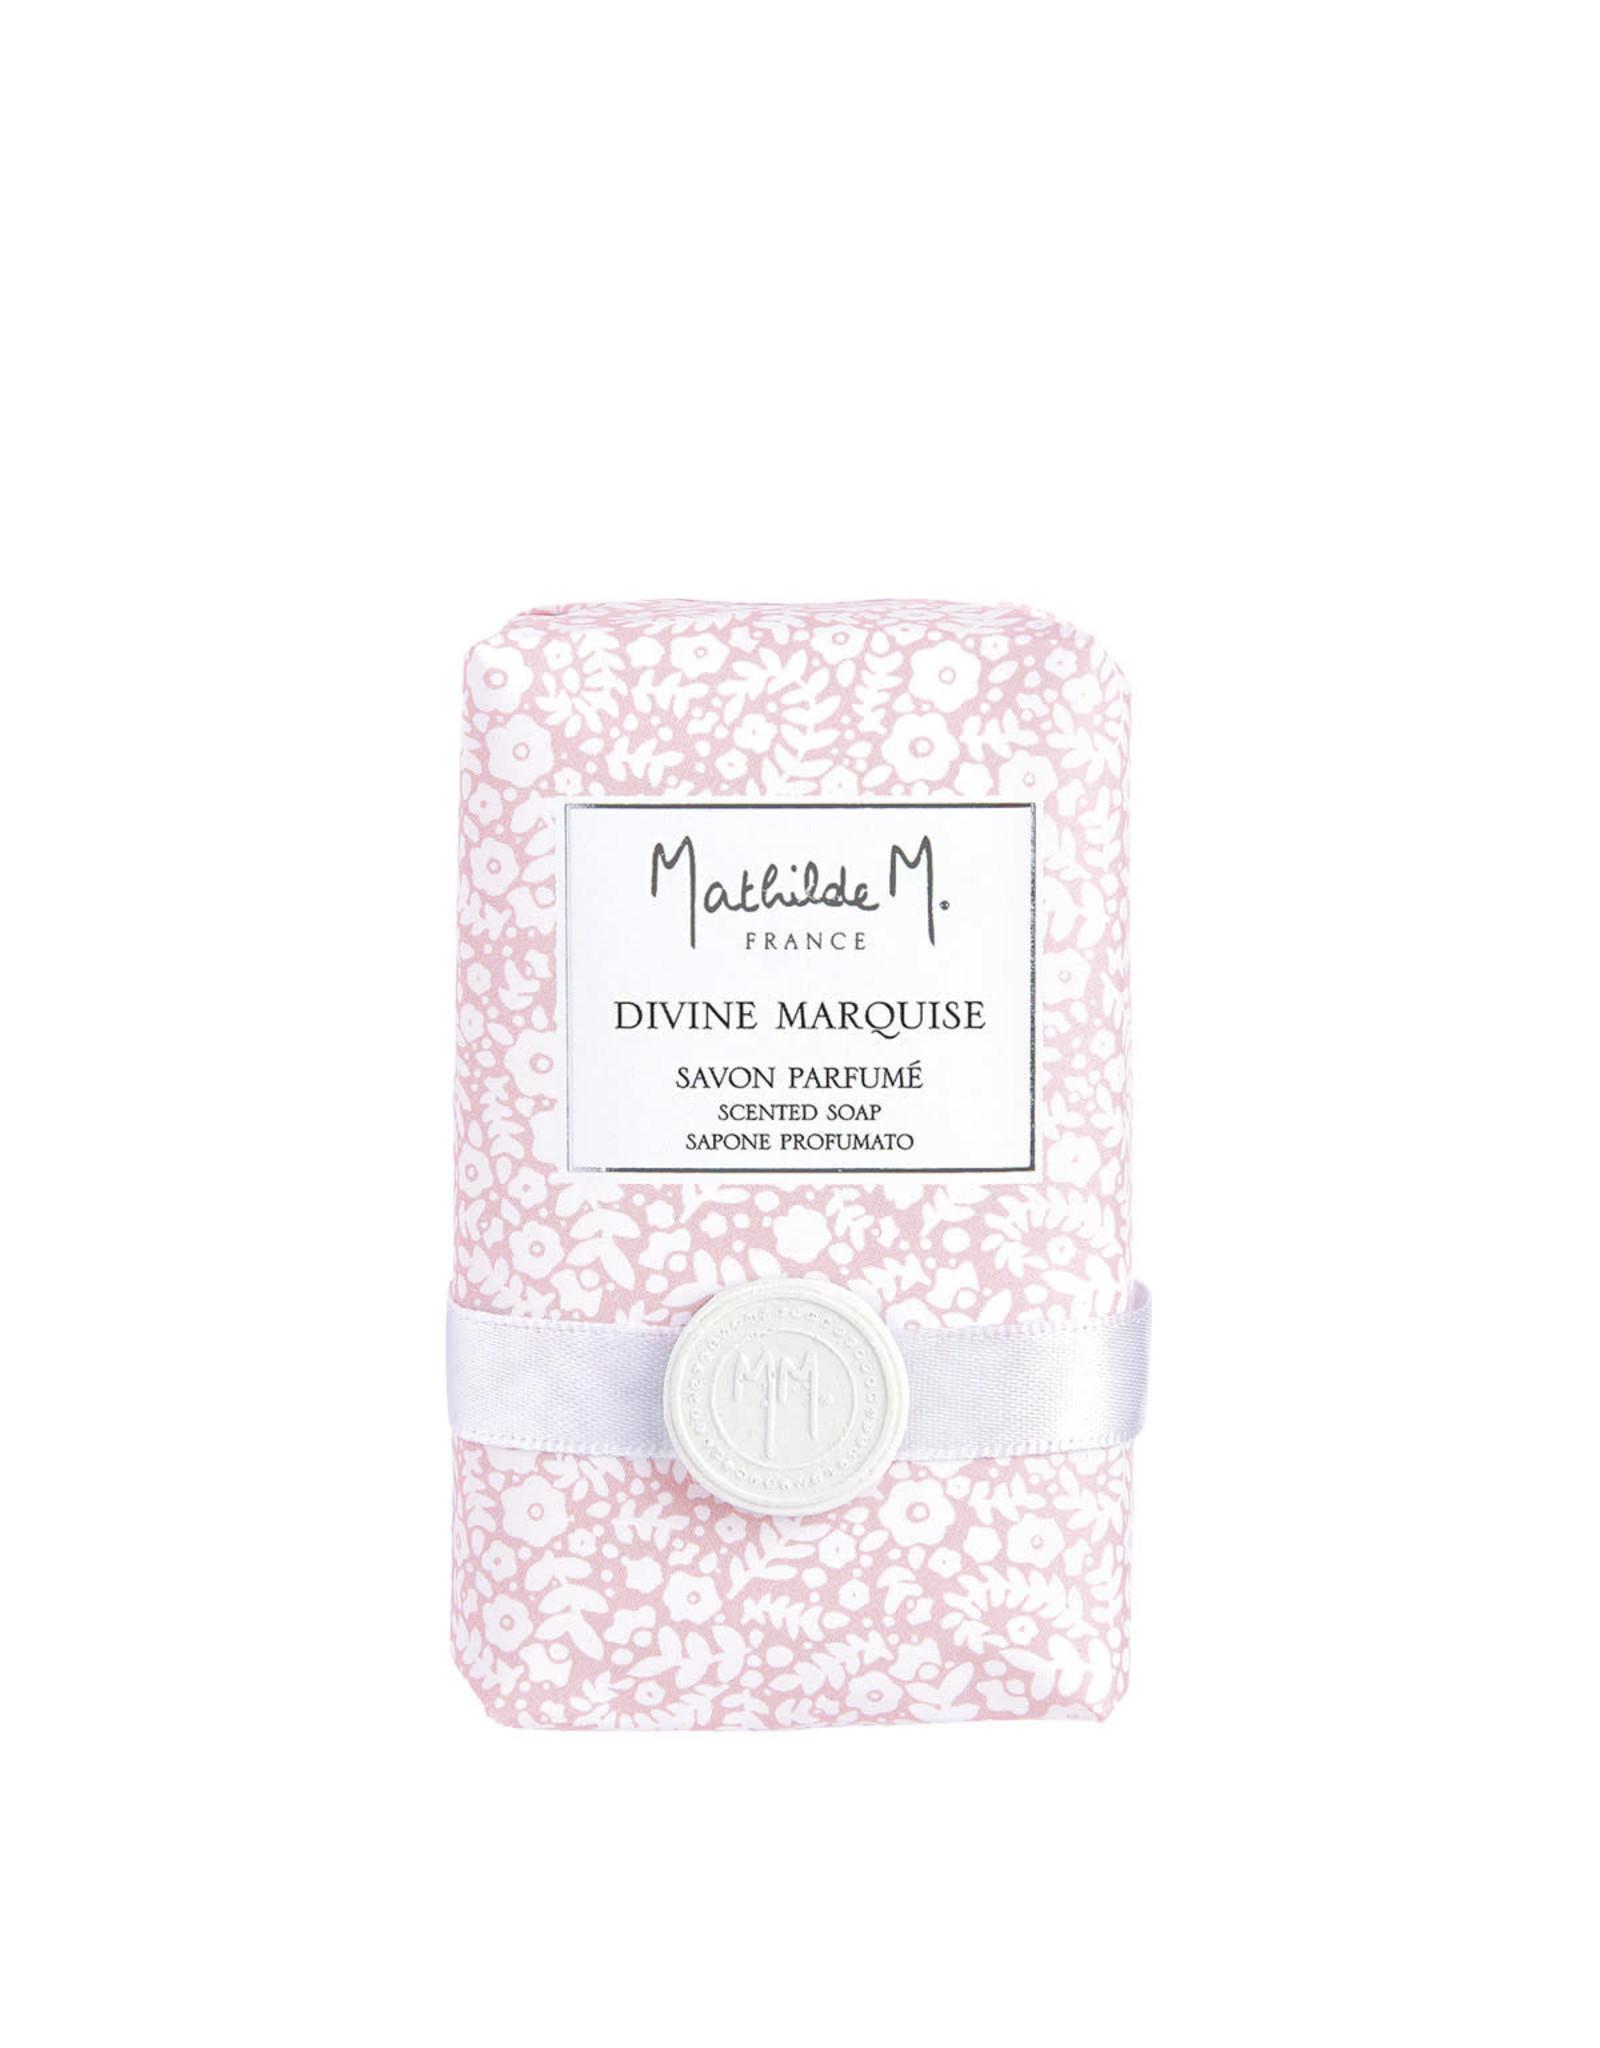 Mathilde M Divine Marquise - Les Rituels Beauté Giftbox - Aumonière